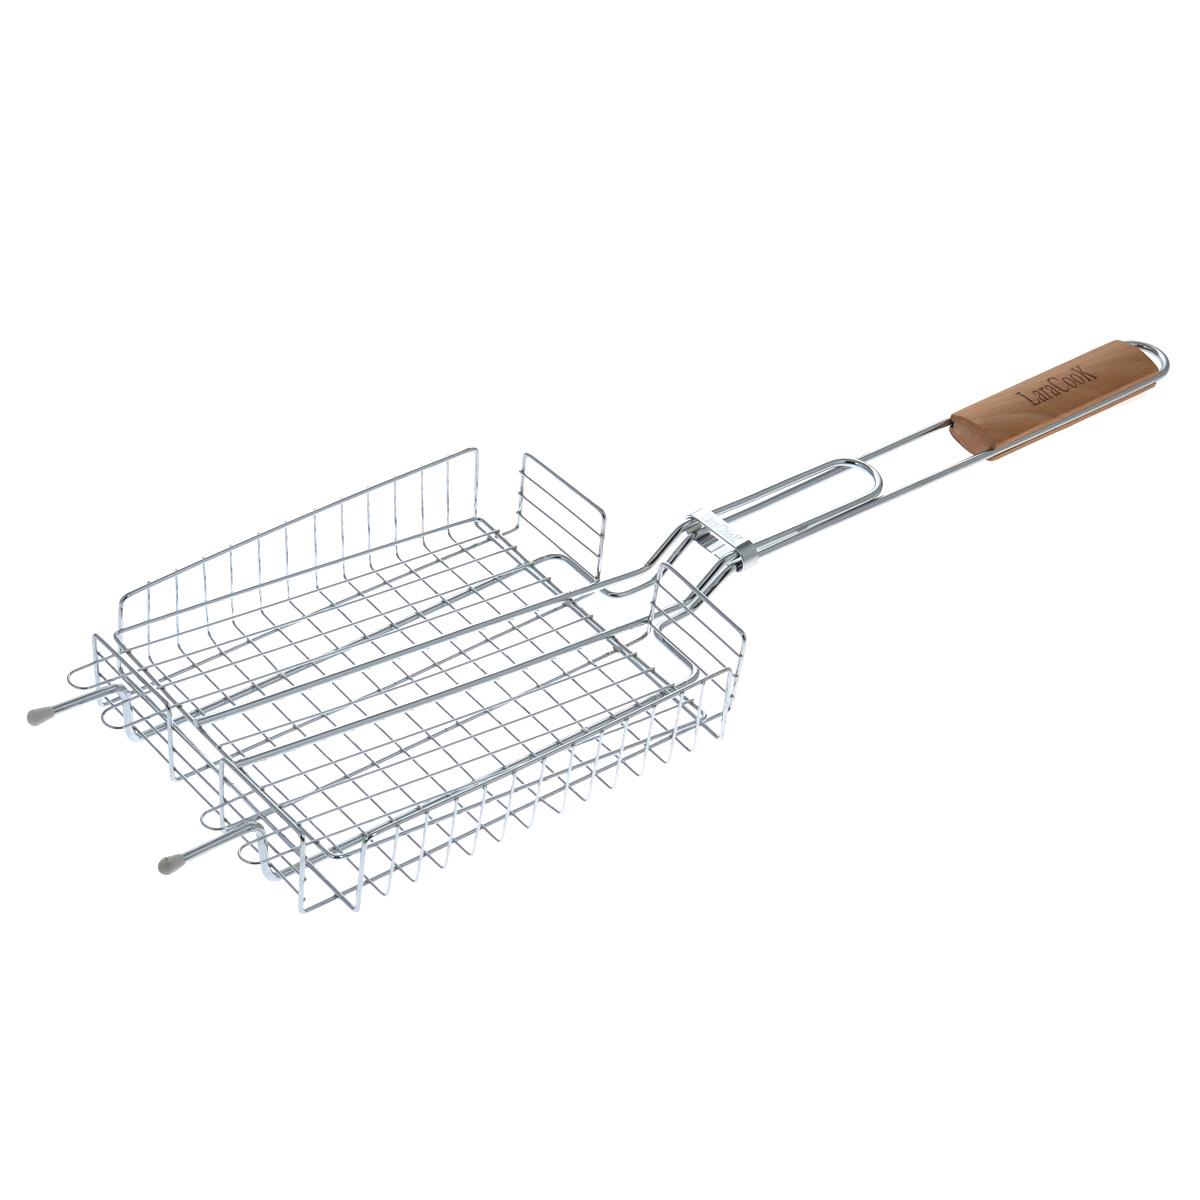 Решетка-гриль глубокая Laracook, 25 см х 20 смХот ШейперсРешетка-гриль Laracook изготовлена из нержавеющей стали. Приготовление вкусных блюд из рыбы, мяса или птицы на пикнике становится еще более быстрым и удобным с использованием решетки-гриль. Верхняя прижимная сетка решетки регулируется по высоте и позволяет готовить продукты разной толщины. Высокие бортики не дадут упасть продуктам на угли при перевороте решетки. Решетка-гриль отлично подходит для мангала. Удобная для обхвата деревянная ручка помогает легче переворачивать решетку и делает ее использование более безопасным. Размер решетки: 25 см х 20 см х 5 см.Длина ручки: 37 см.